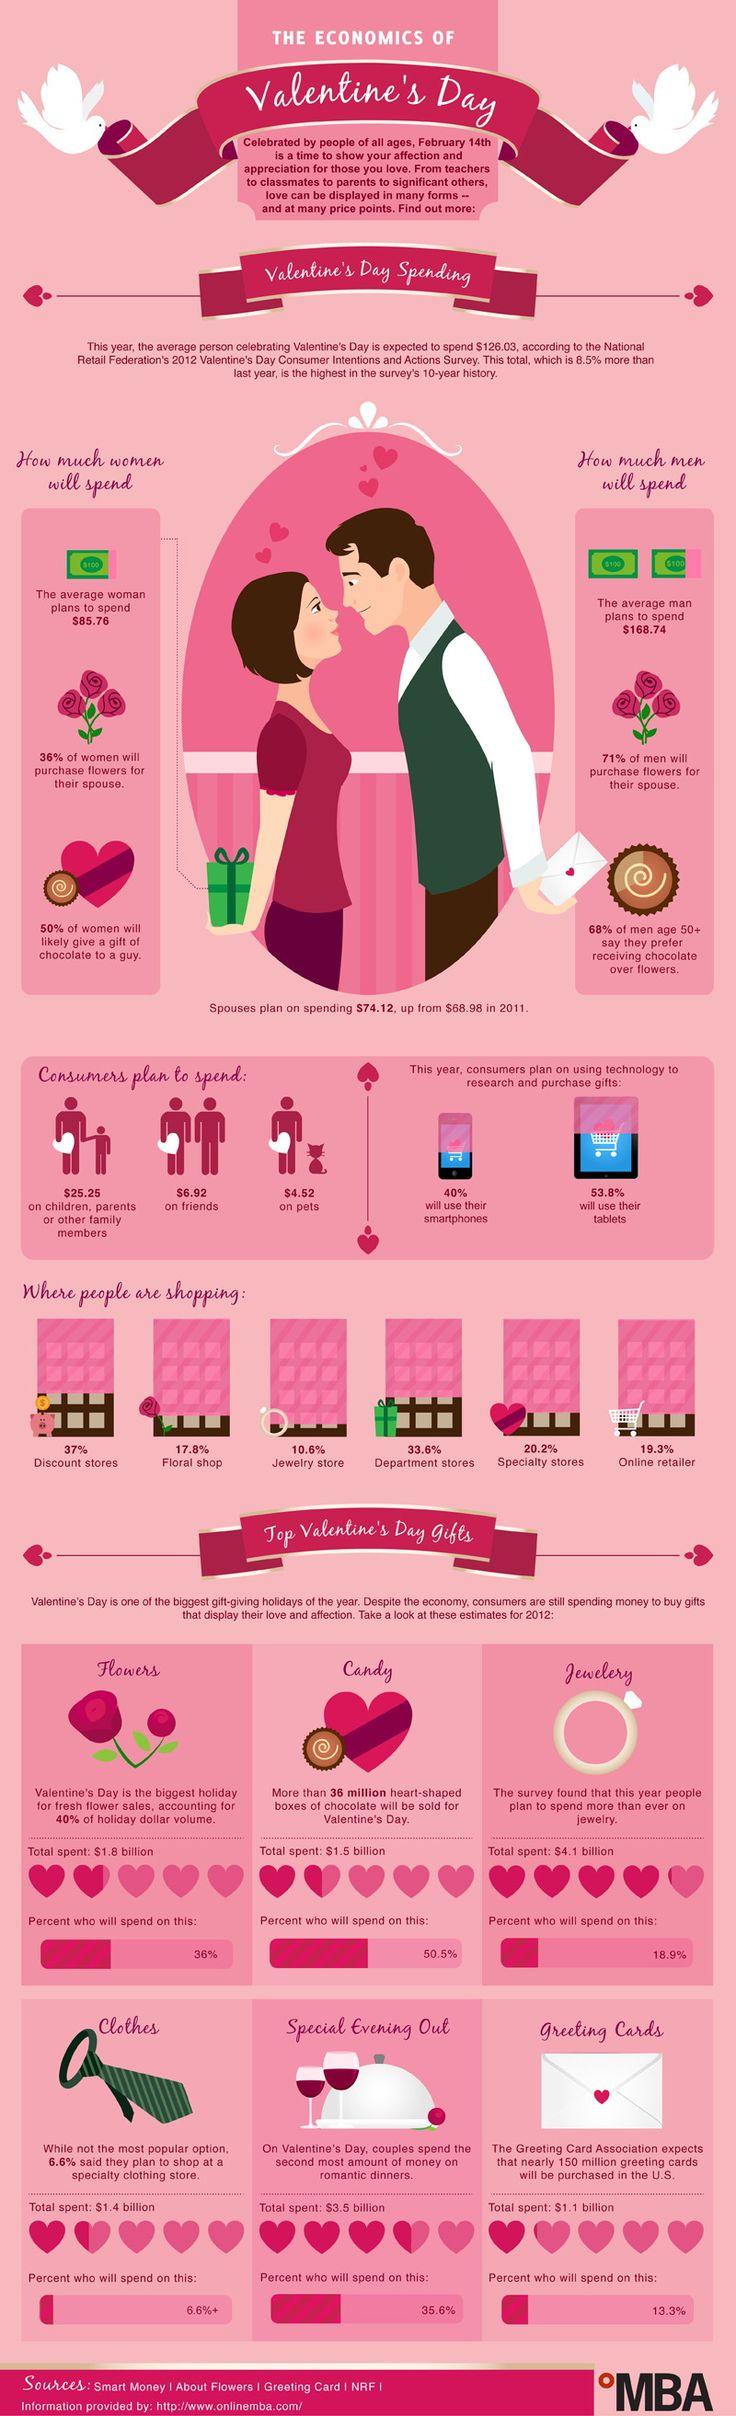 The Economics of Valentine's Day